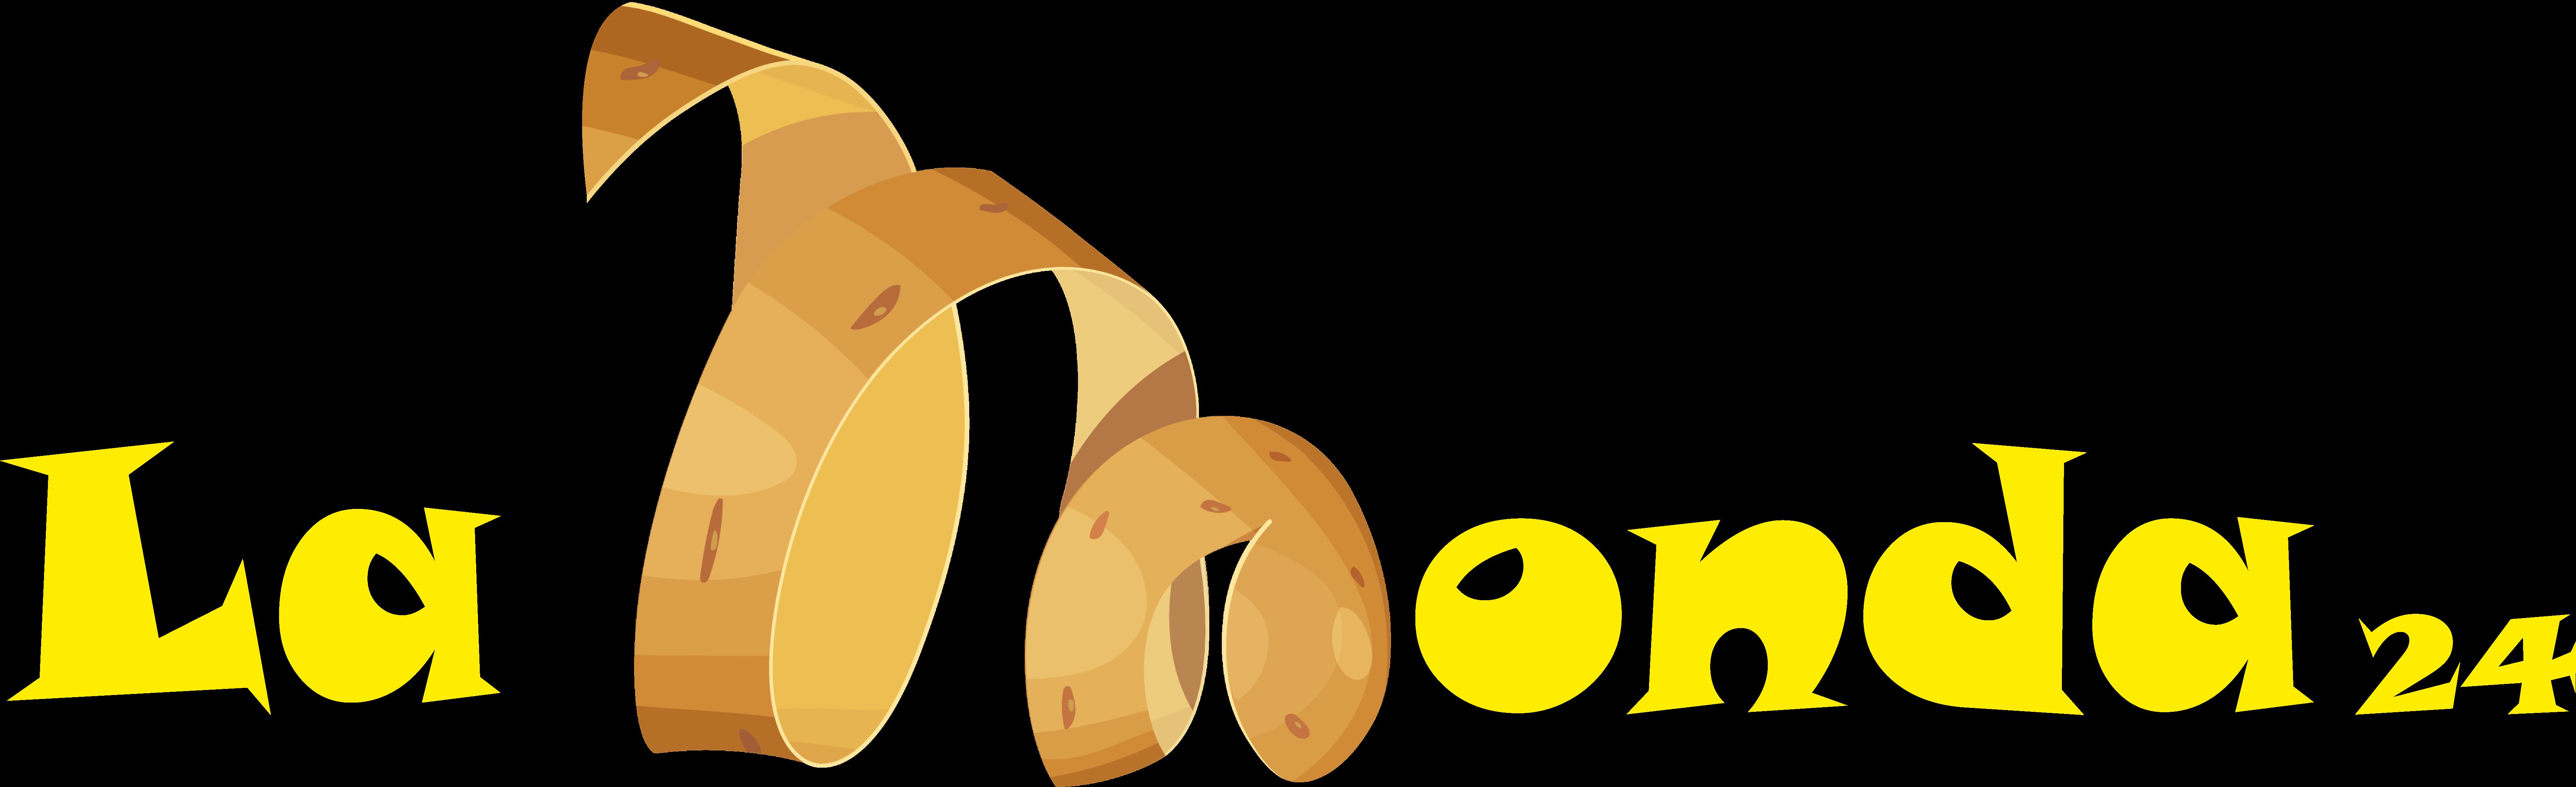 Lamonda24